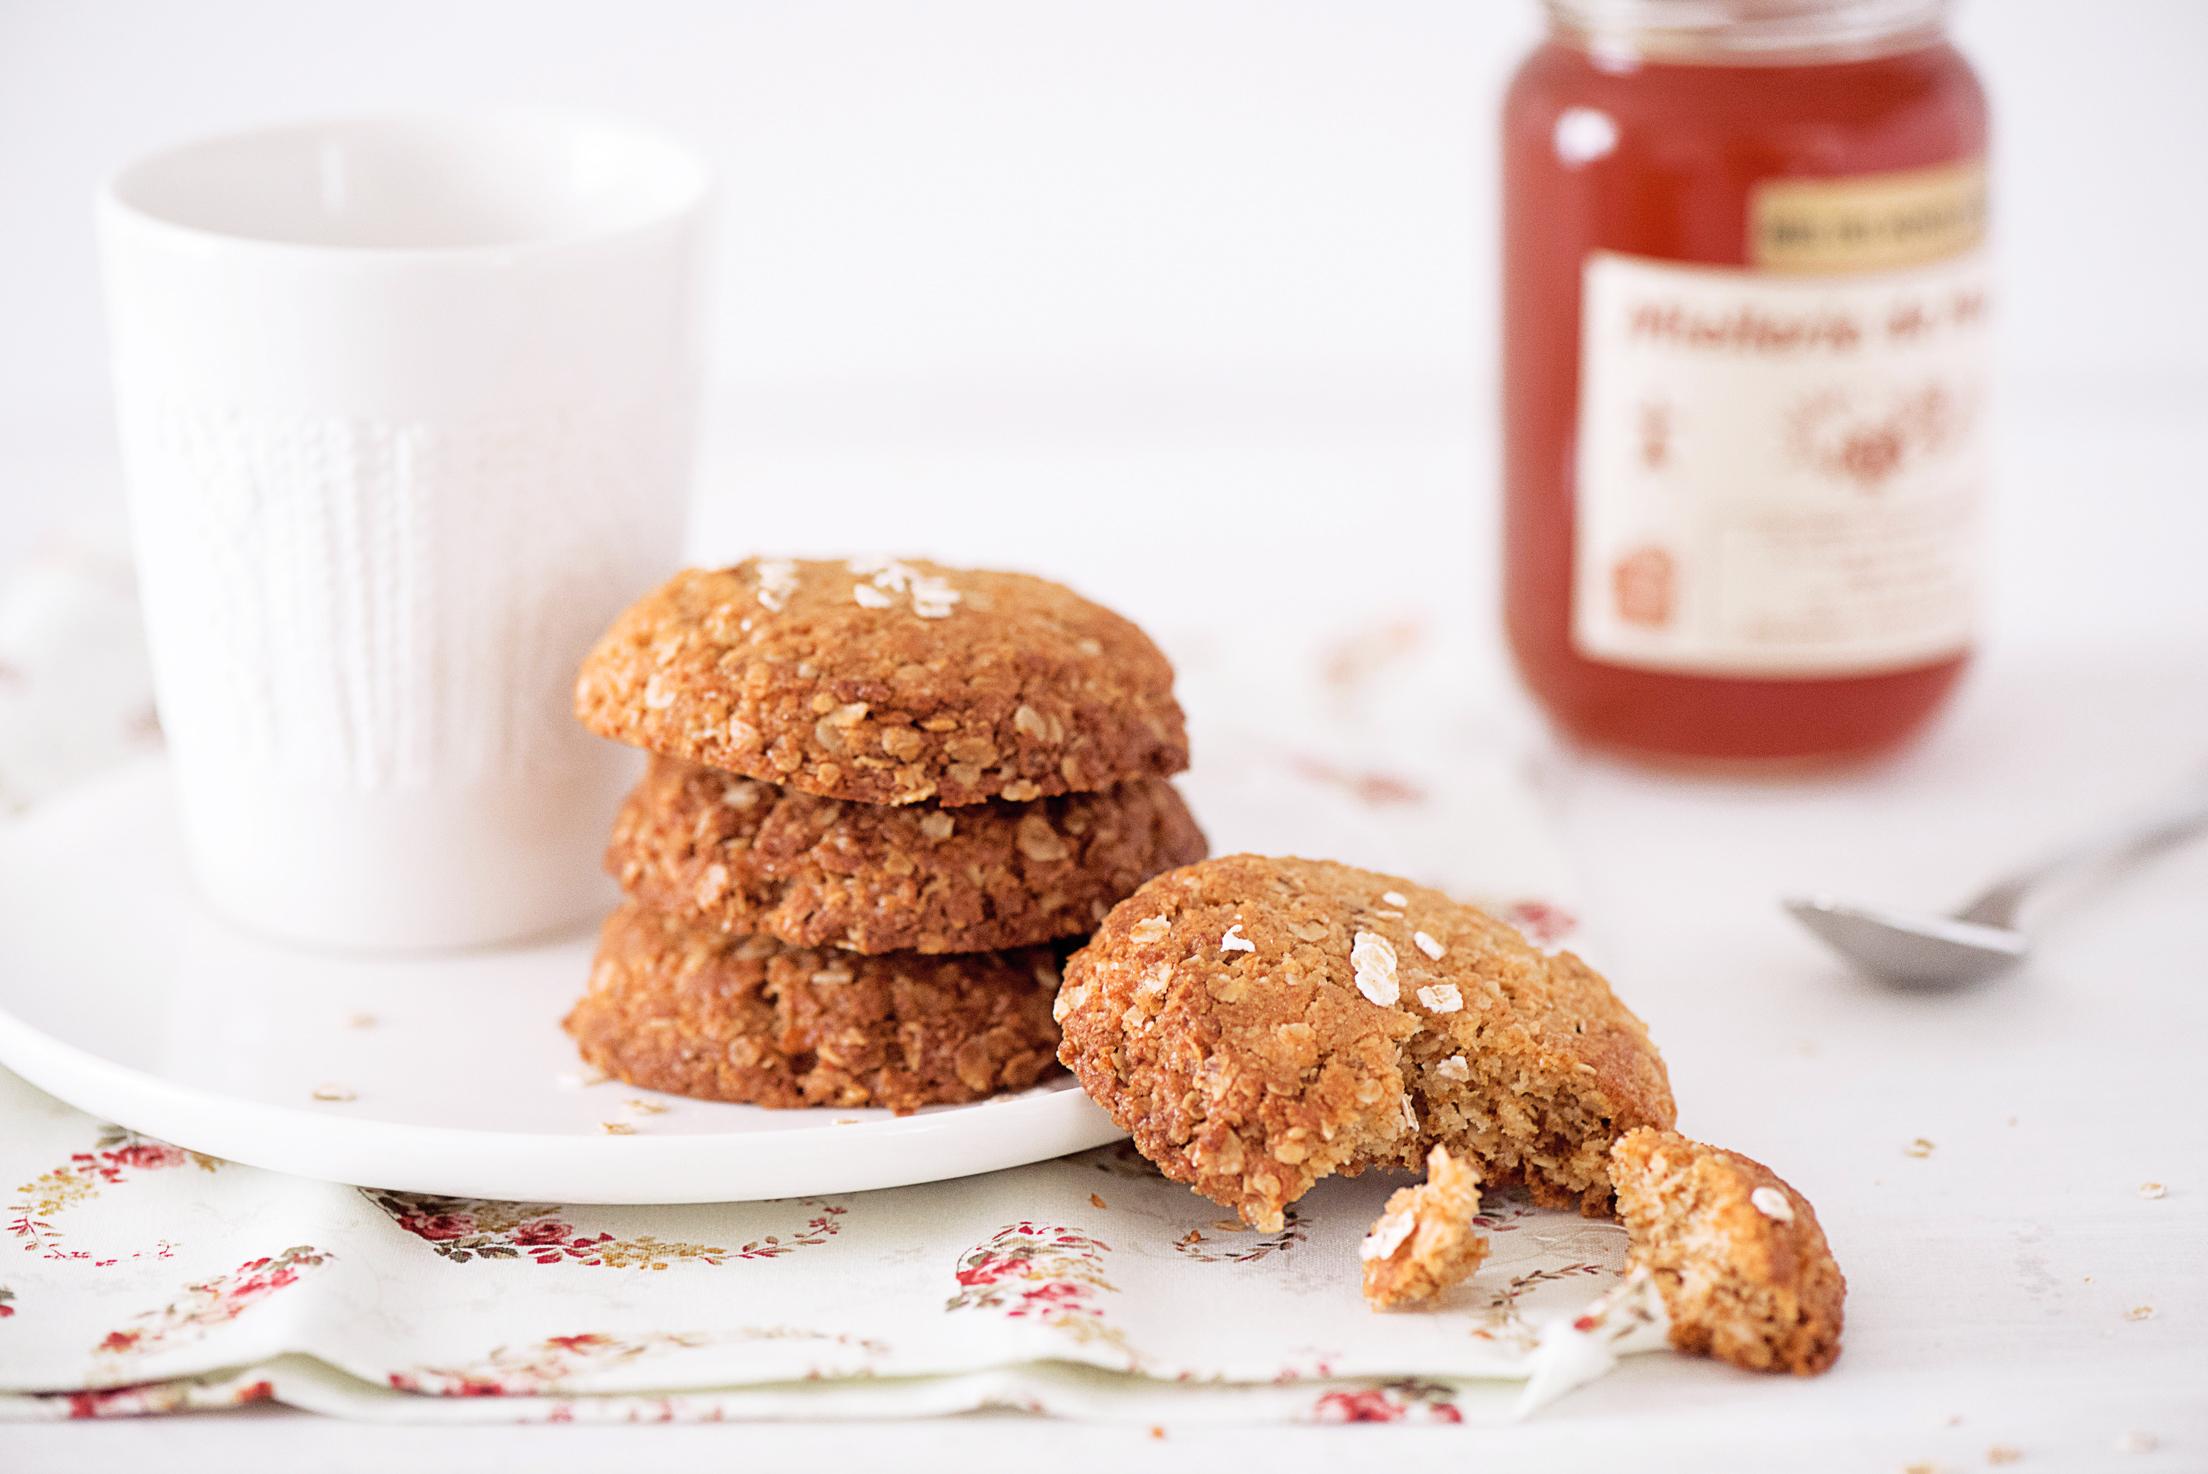 Biscuits au miel et flocons d'avoine